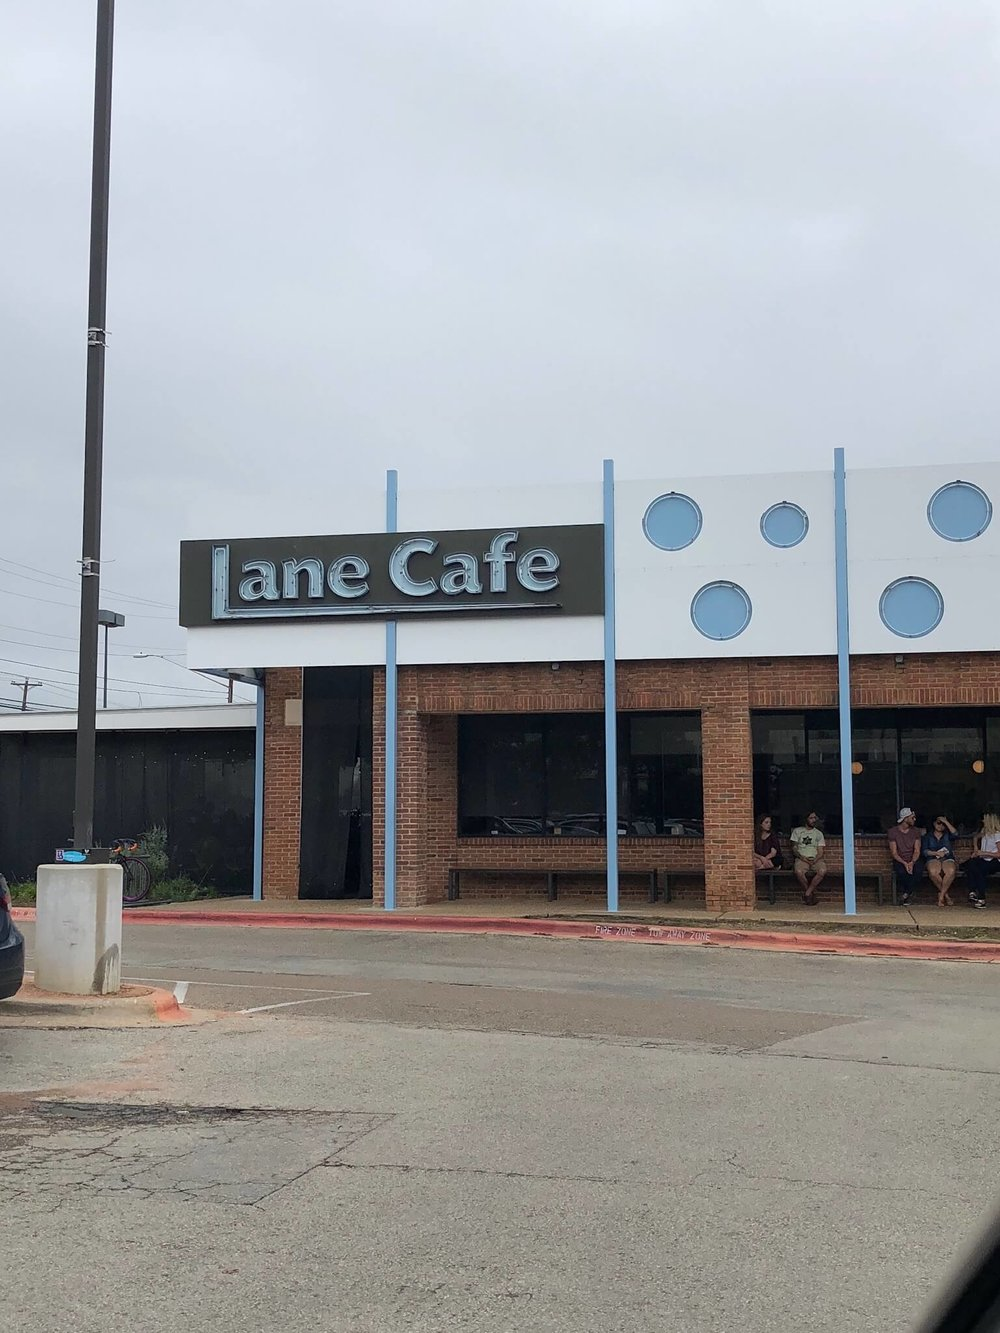 lanecafe2.jpg